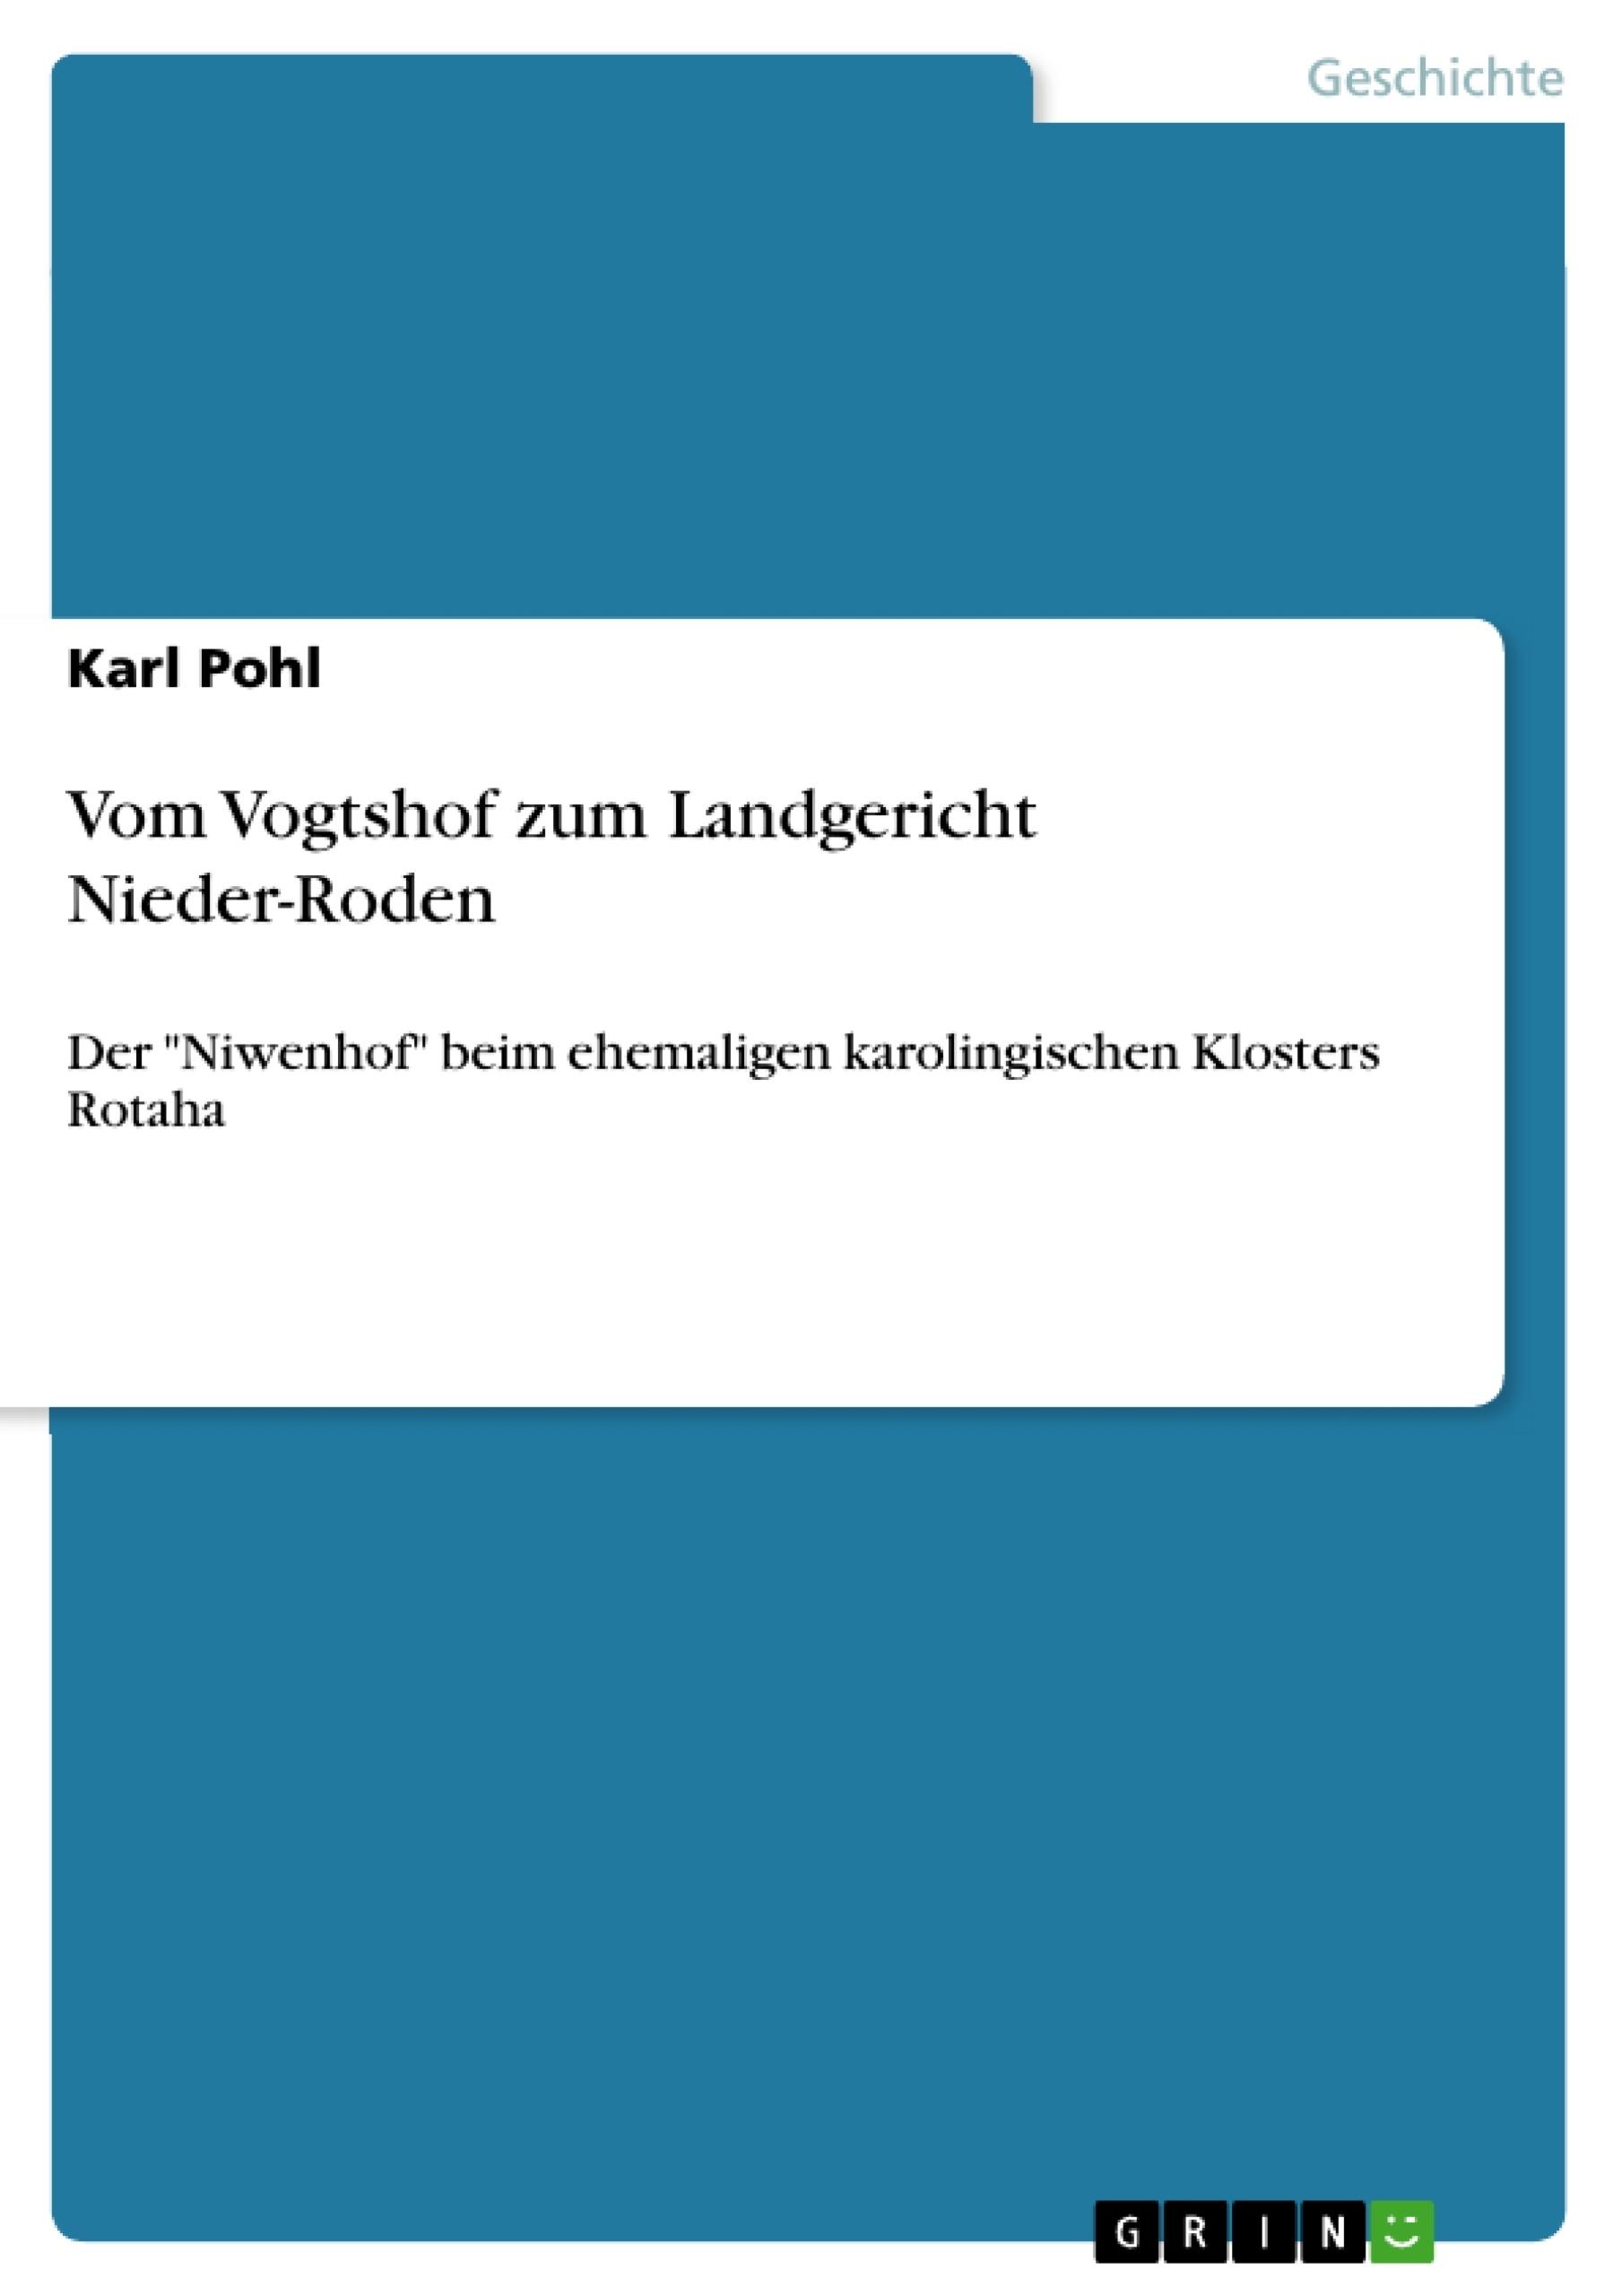 Titel: Vom Vogtshof zum Landgericht Nieder-Roden